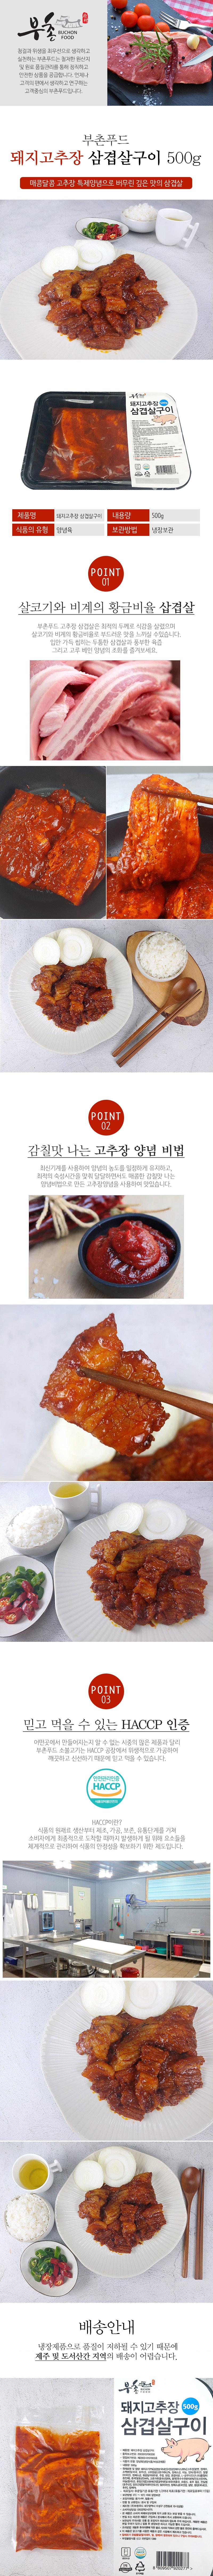 BC_pig3gochujang.jpg